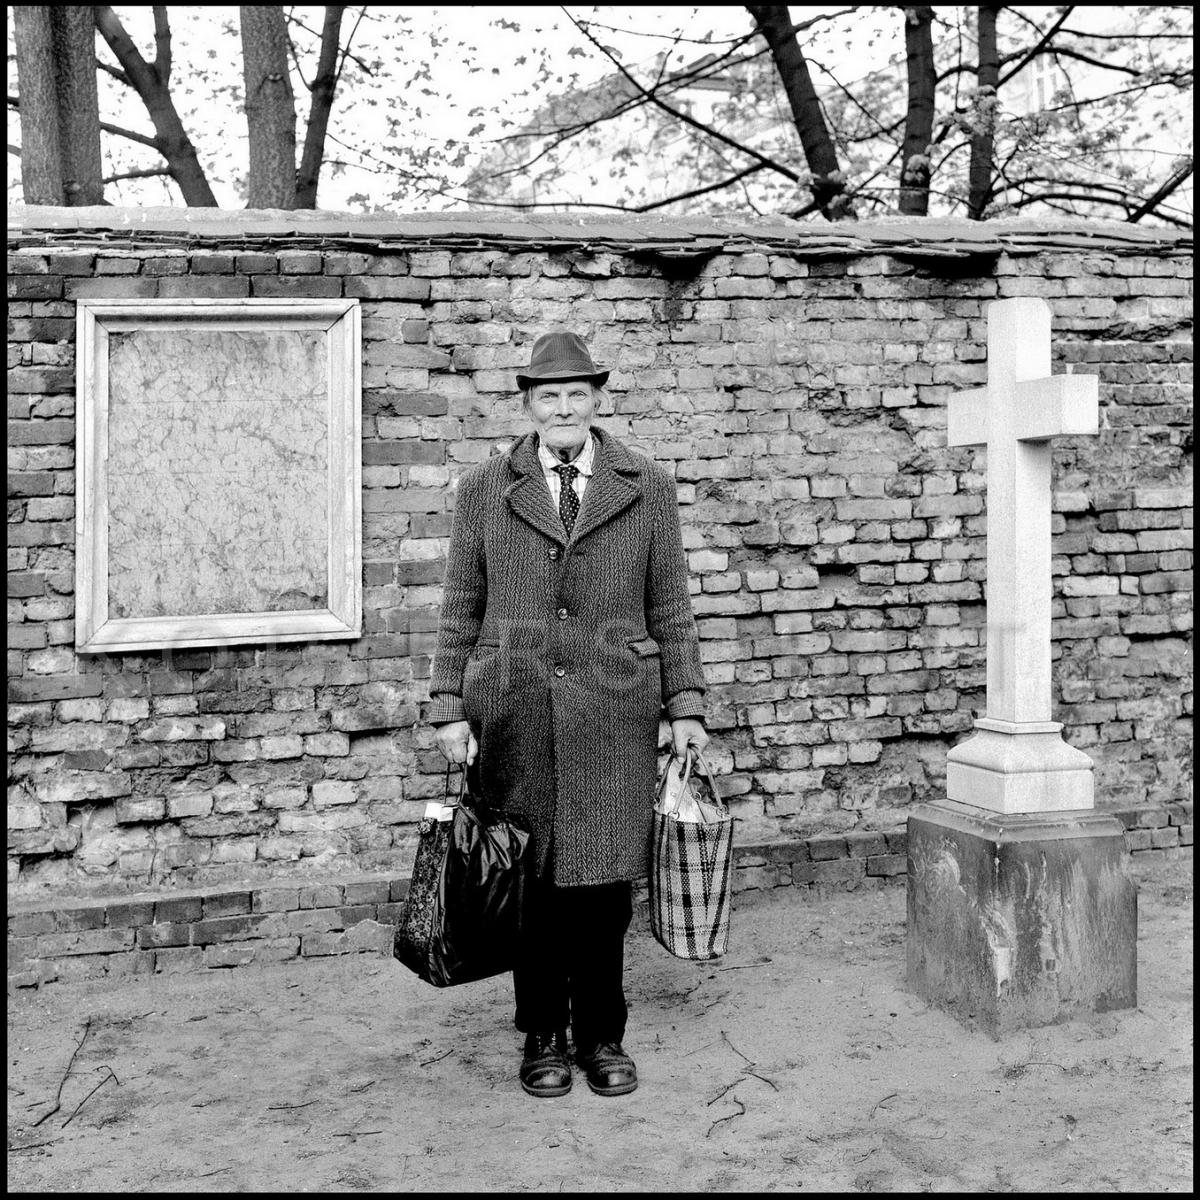 Nr05-011_Berlin-Dorotheenstädtischer-Friedhof-25.4.1984